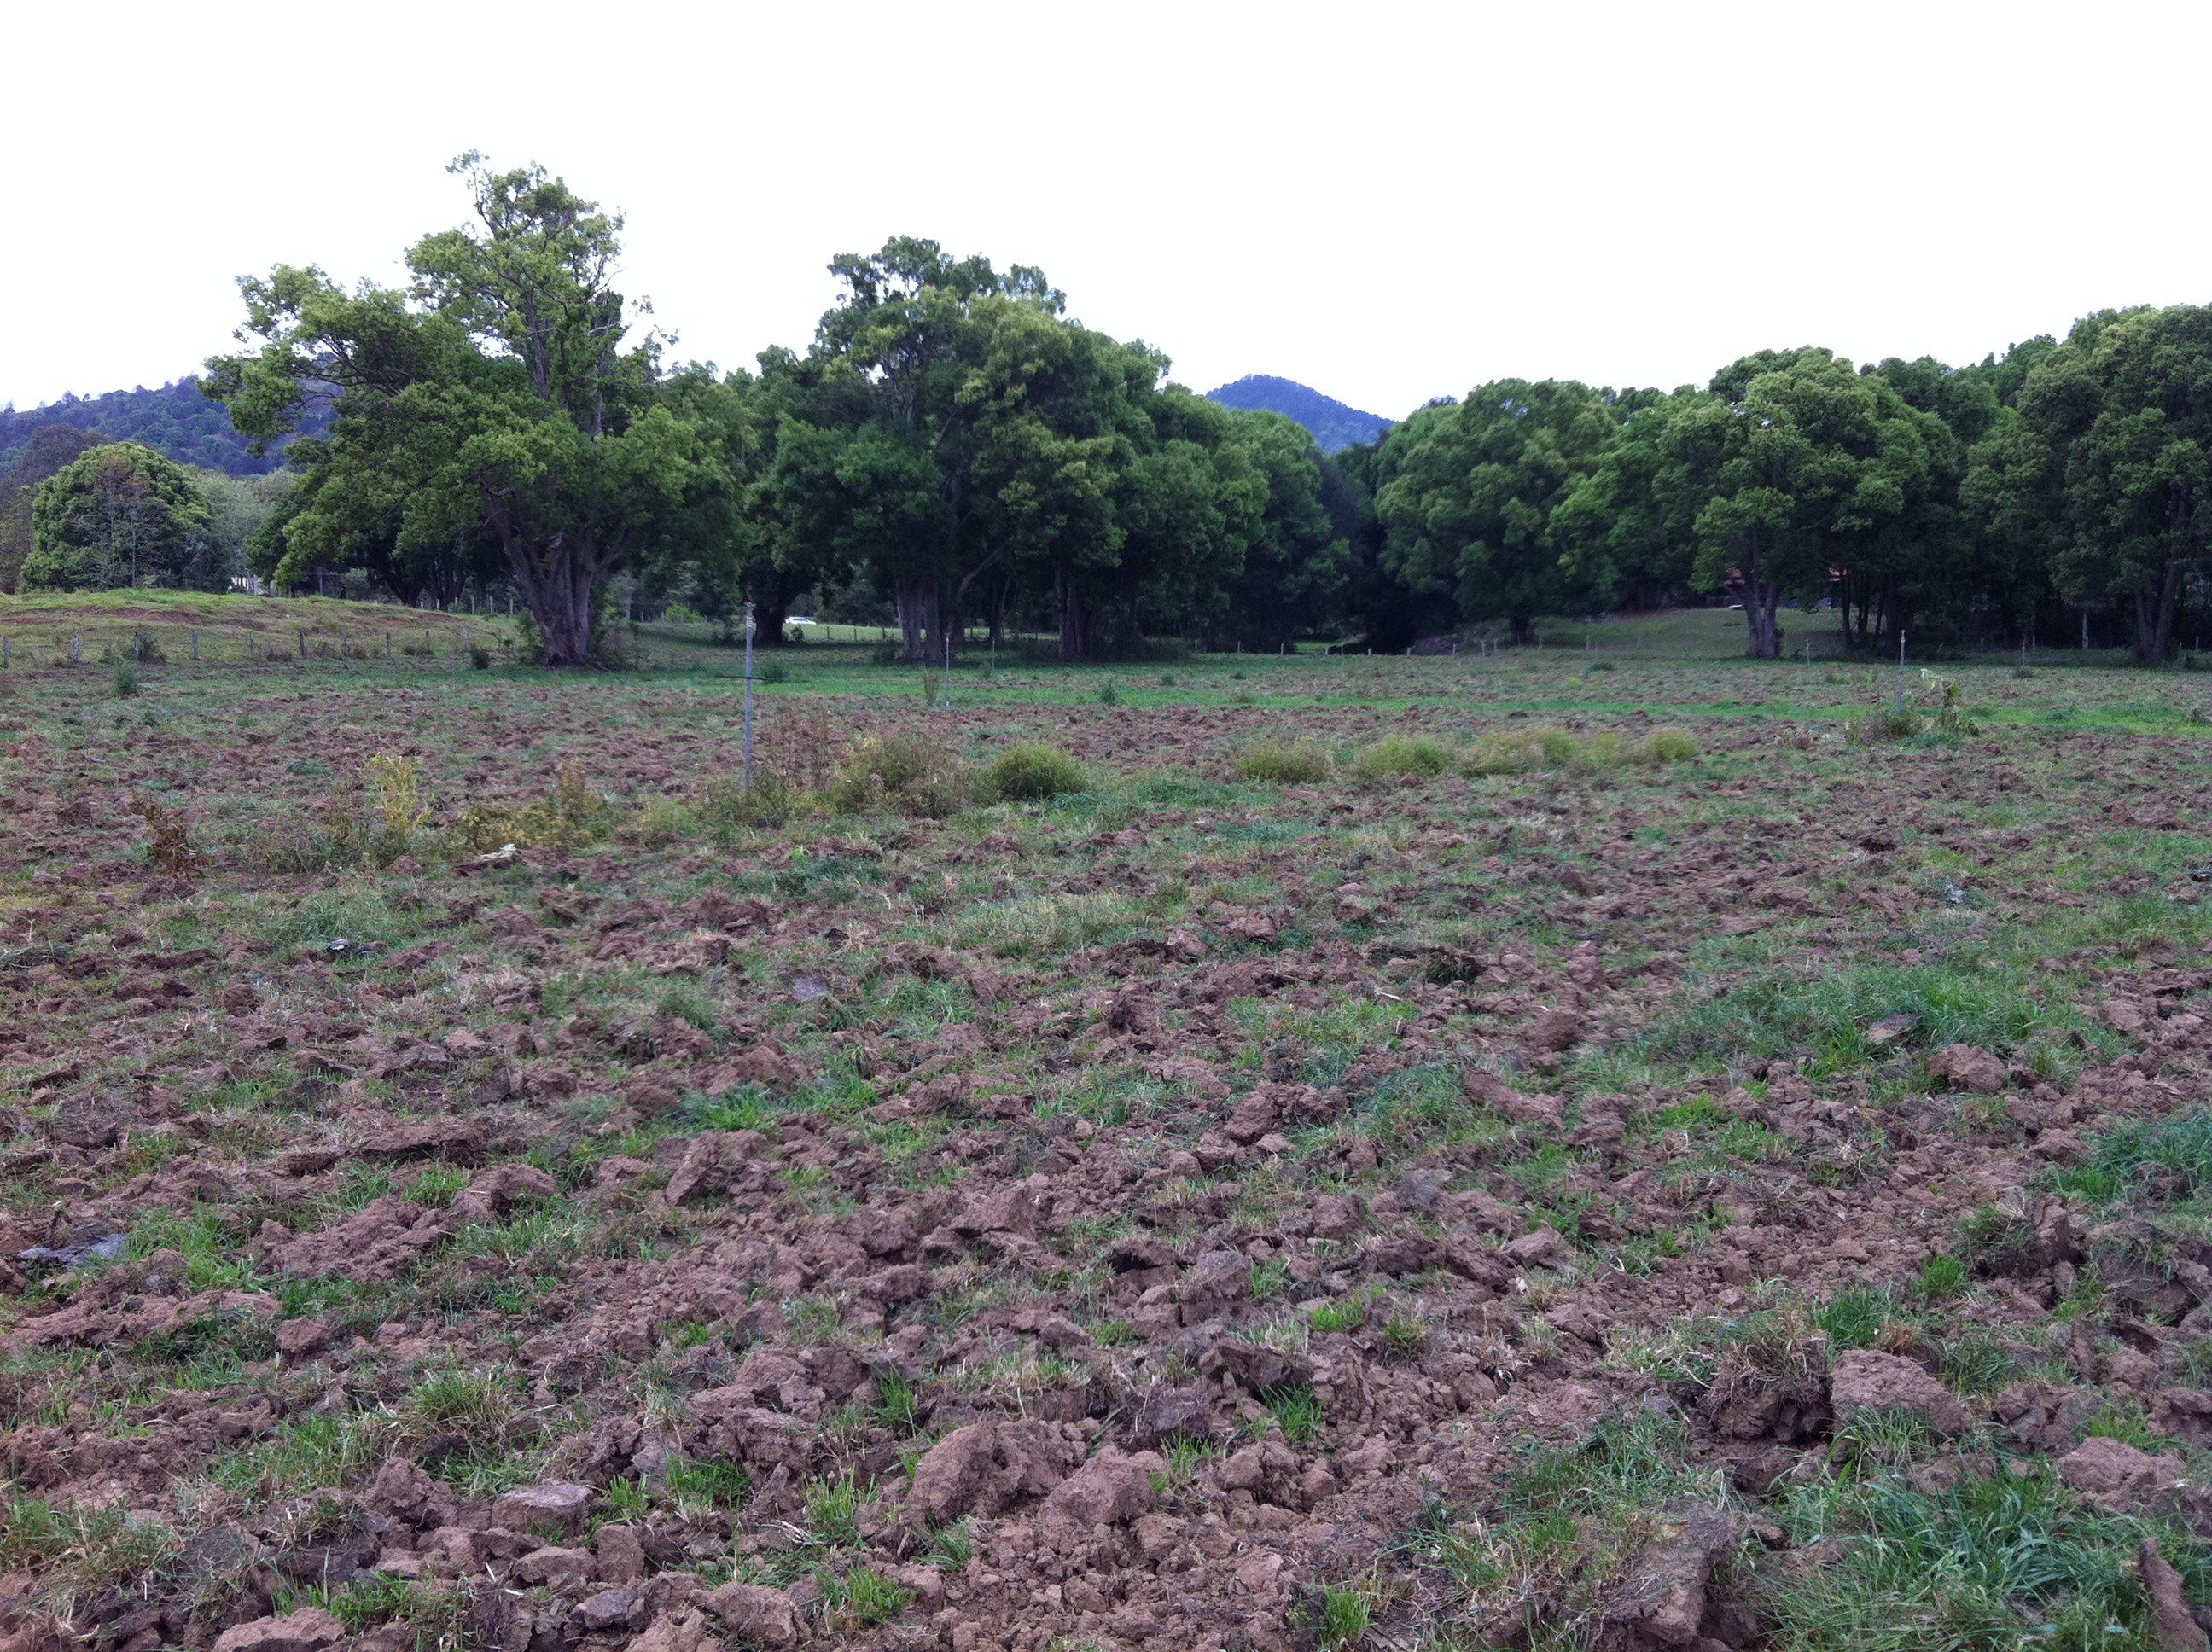 Land Application of Sewage Biosolids